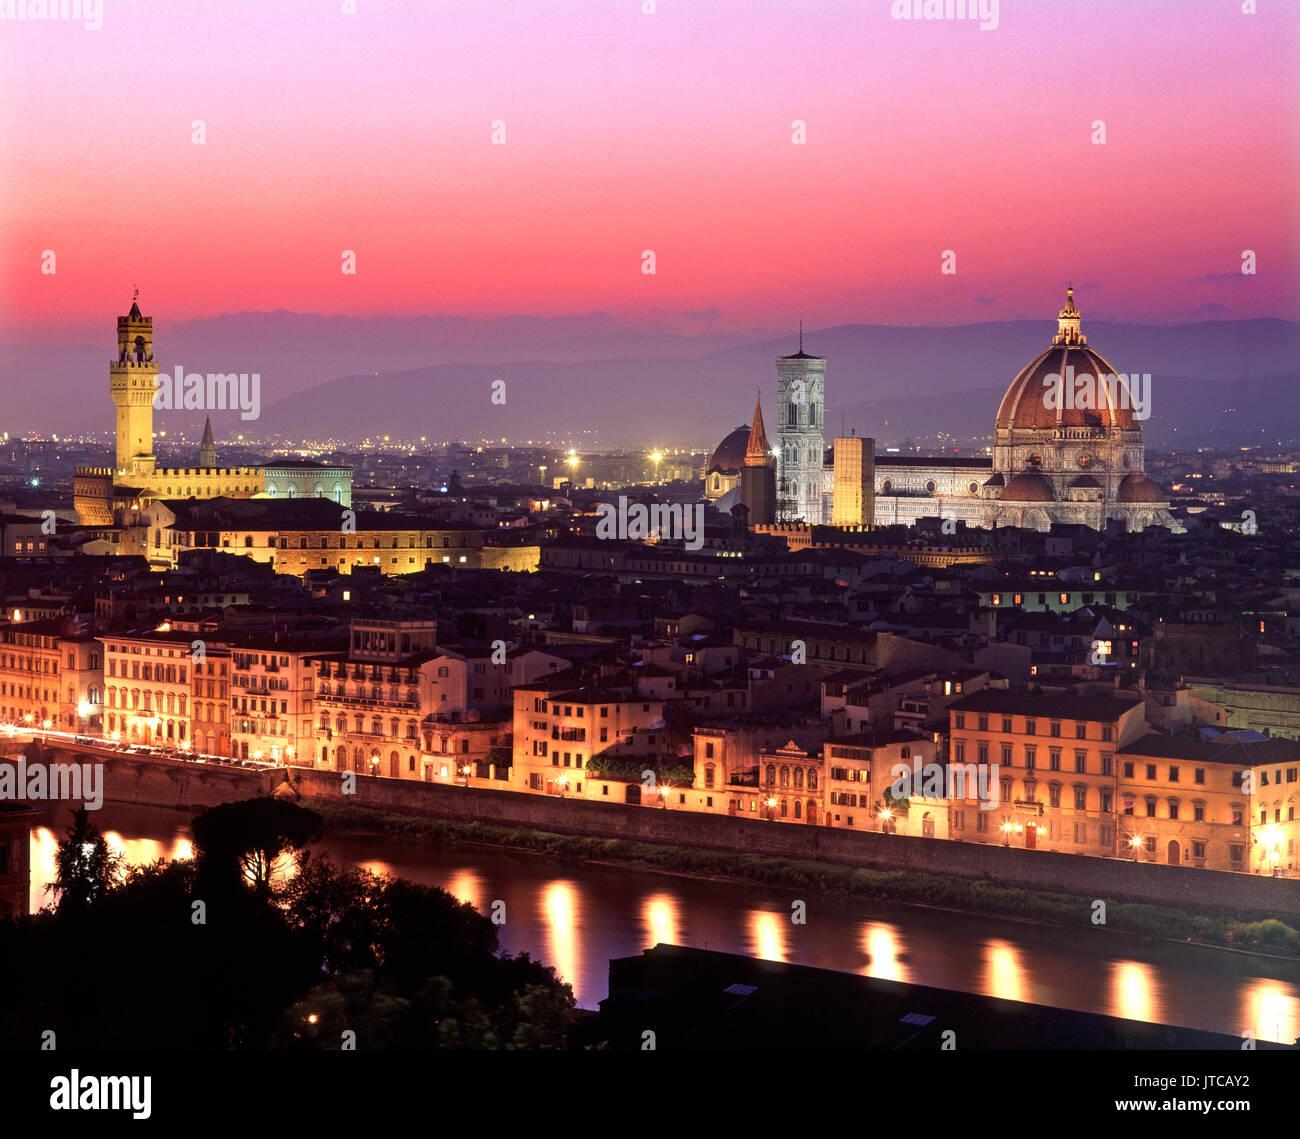 Überblick über Florenz in der Abenddämmerung von der Piazzale Michelangelo mit der Stadt Florenz im Hintergrund, Lombardei, Italien Stockbild